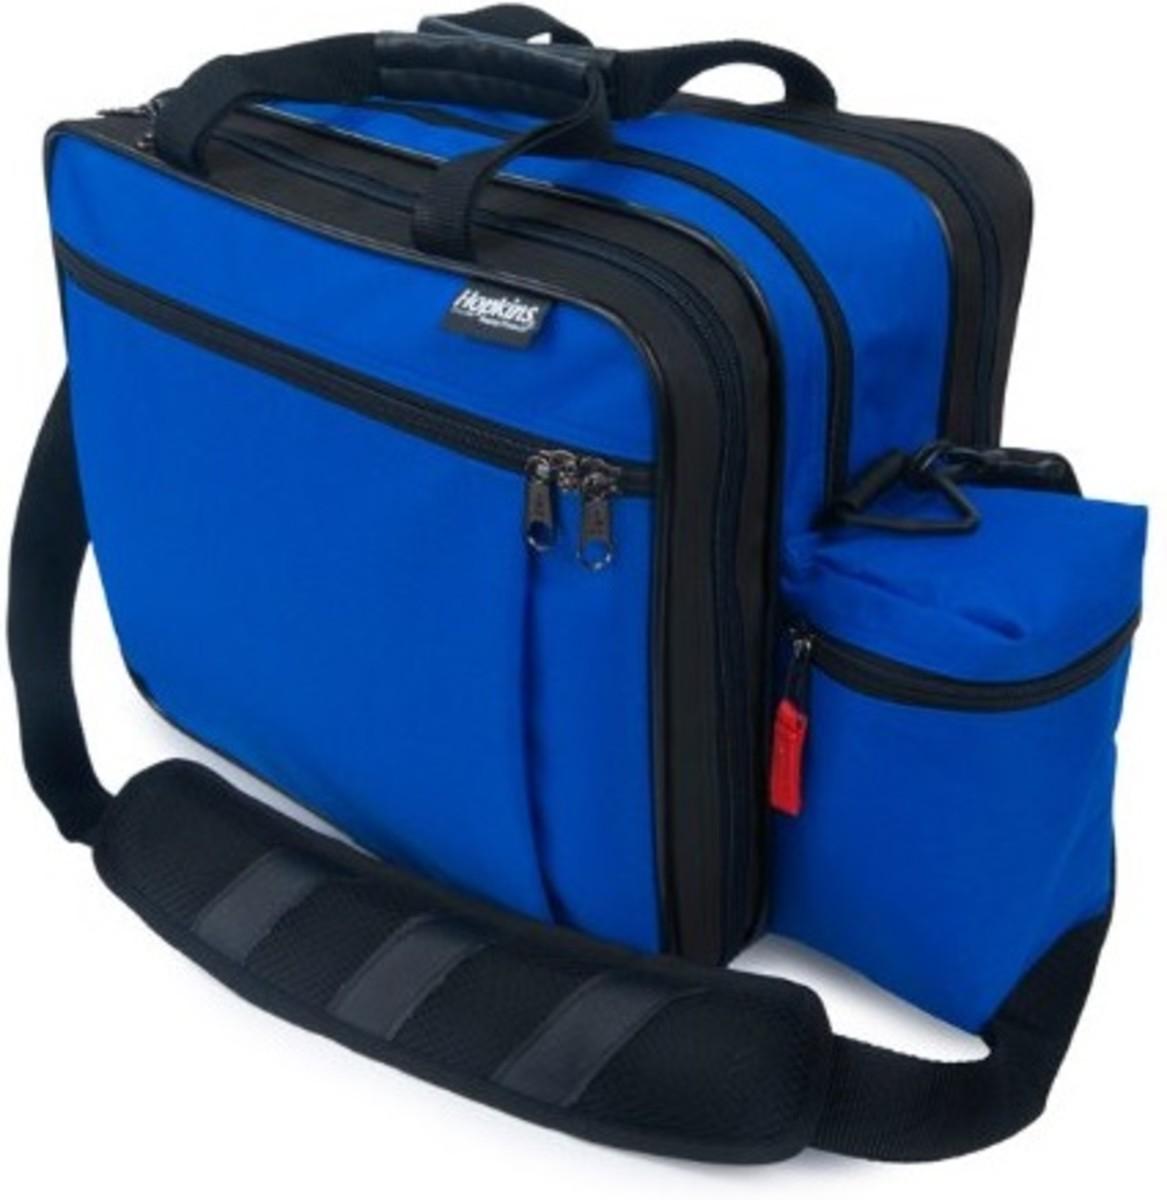 Hopkins Medical EZ-View Med Bag